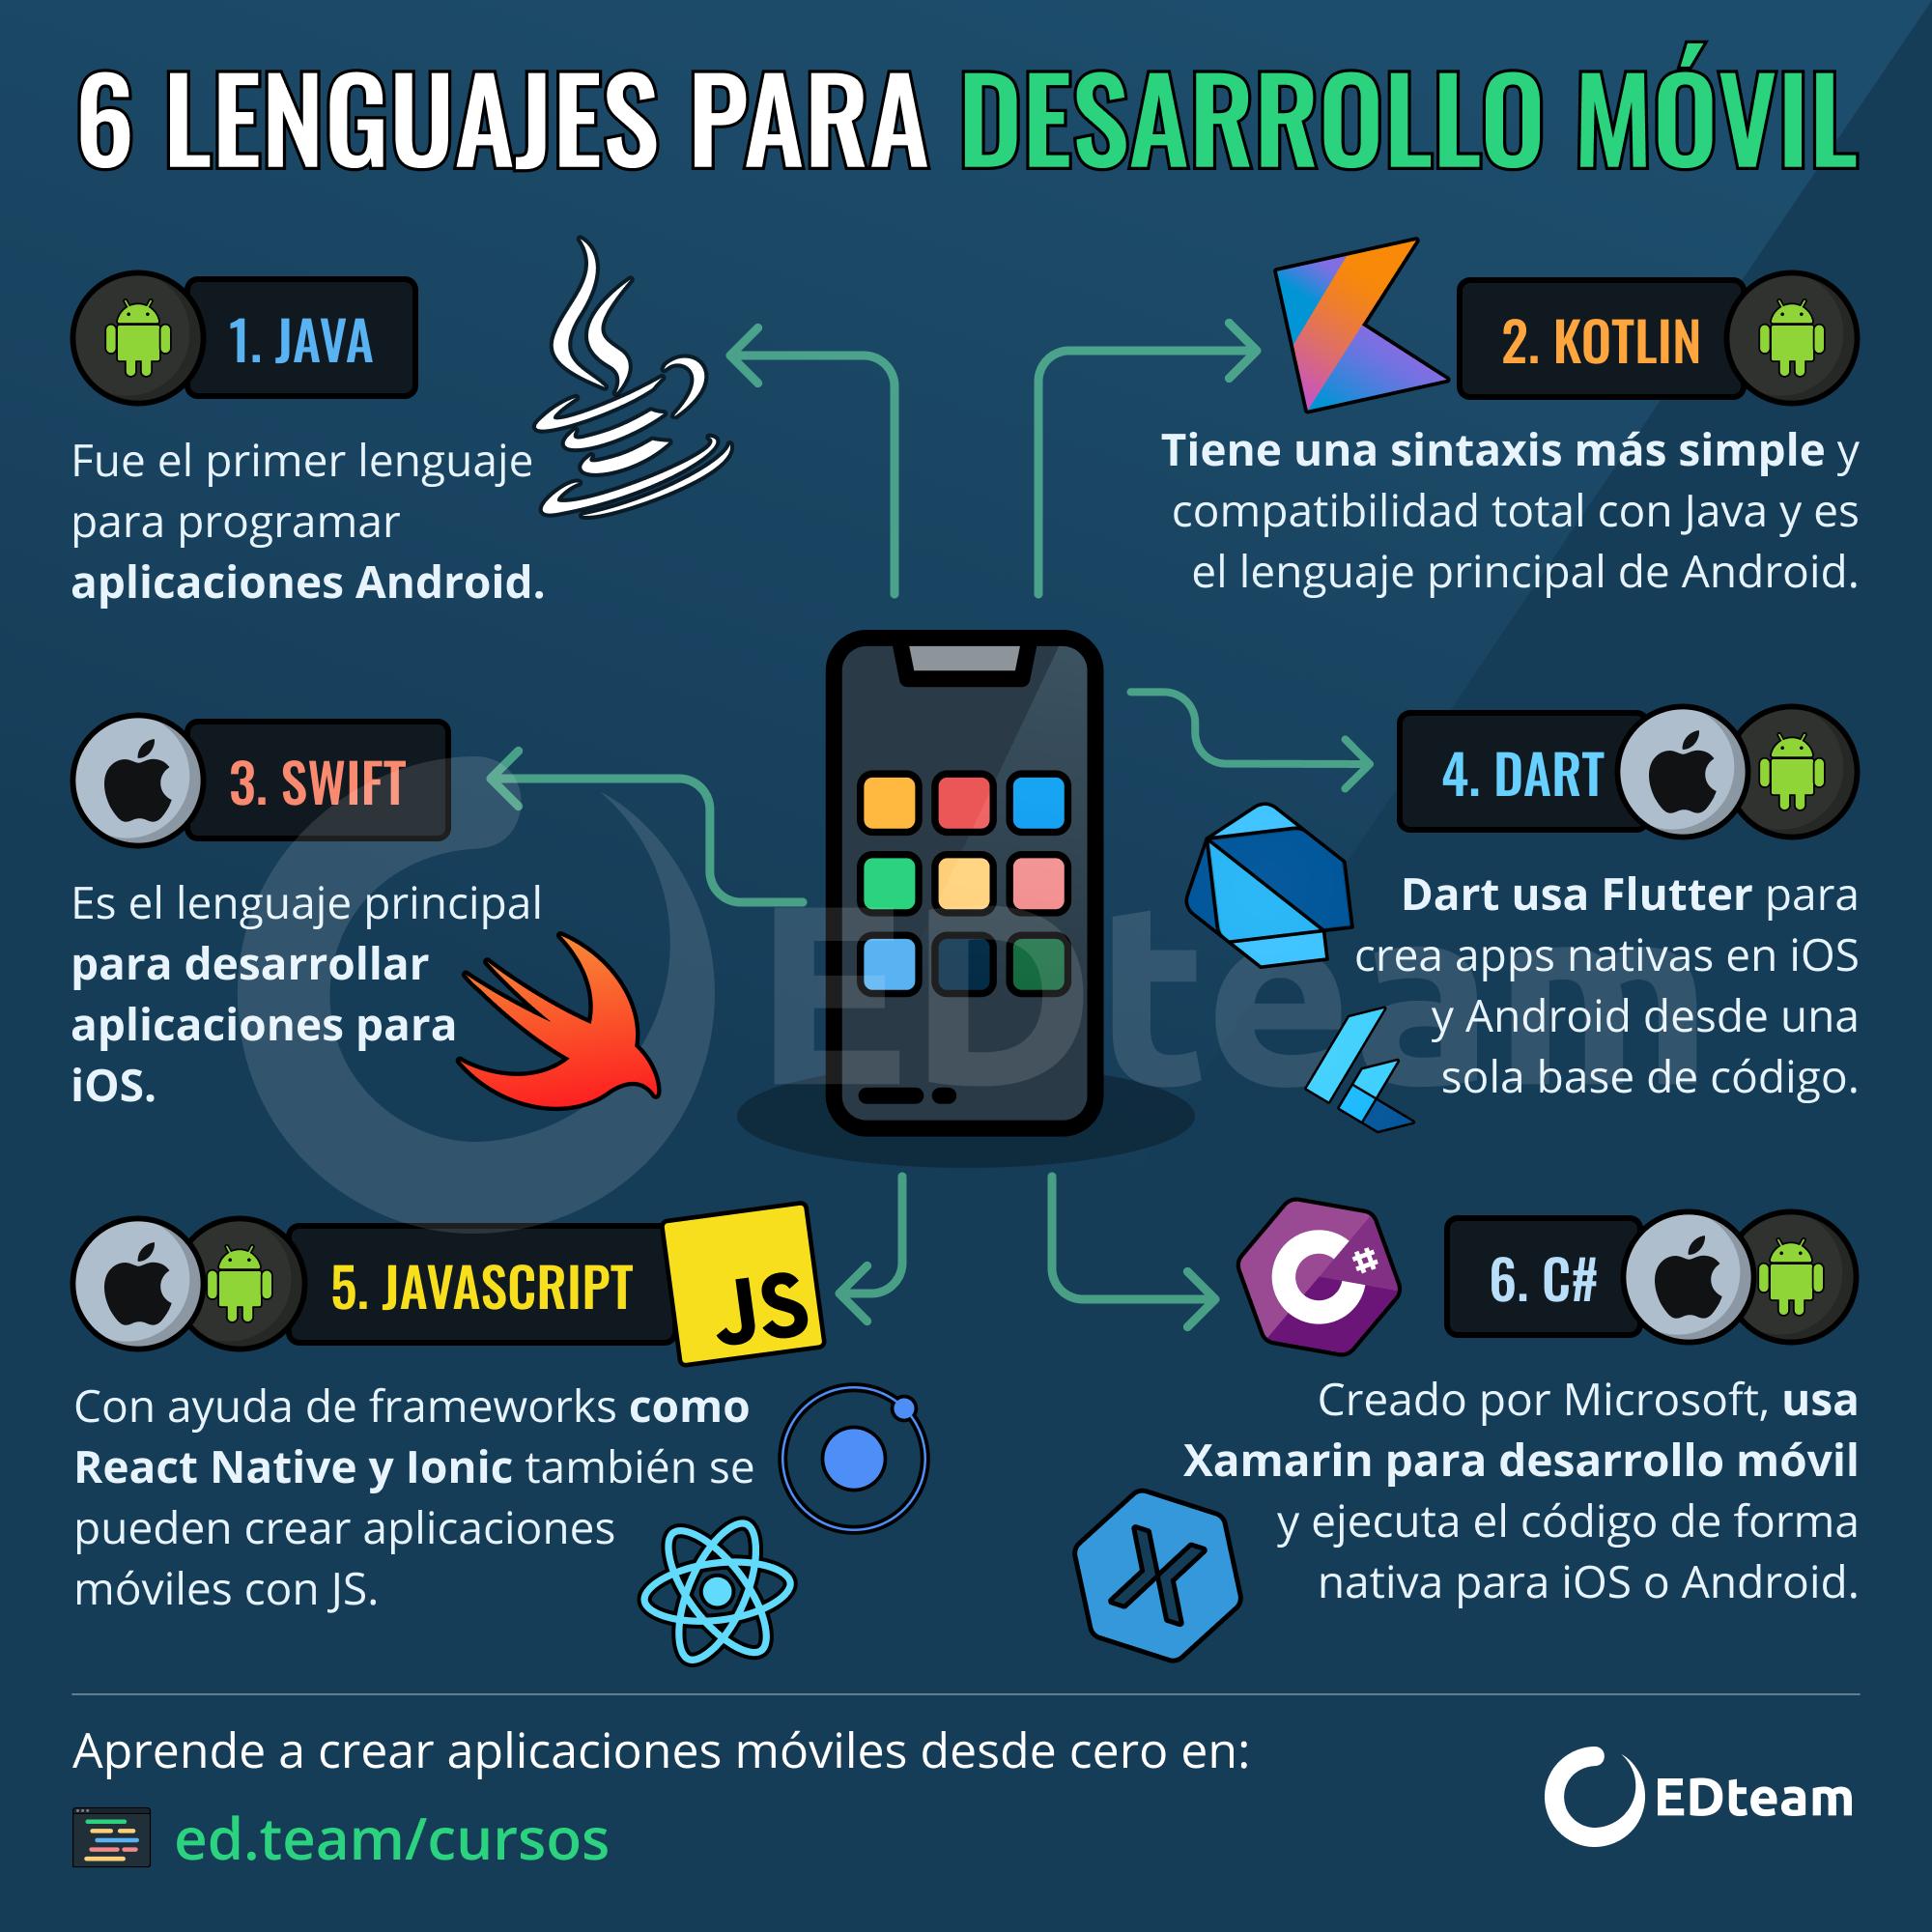 6 Lenguajes Para Desarrollo Móvil Tecnologias De La Informacion Y Comunicacion Programación De Ordenadores Lenguaje De Programacion